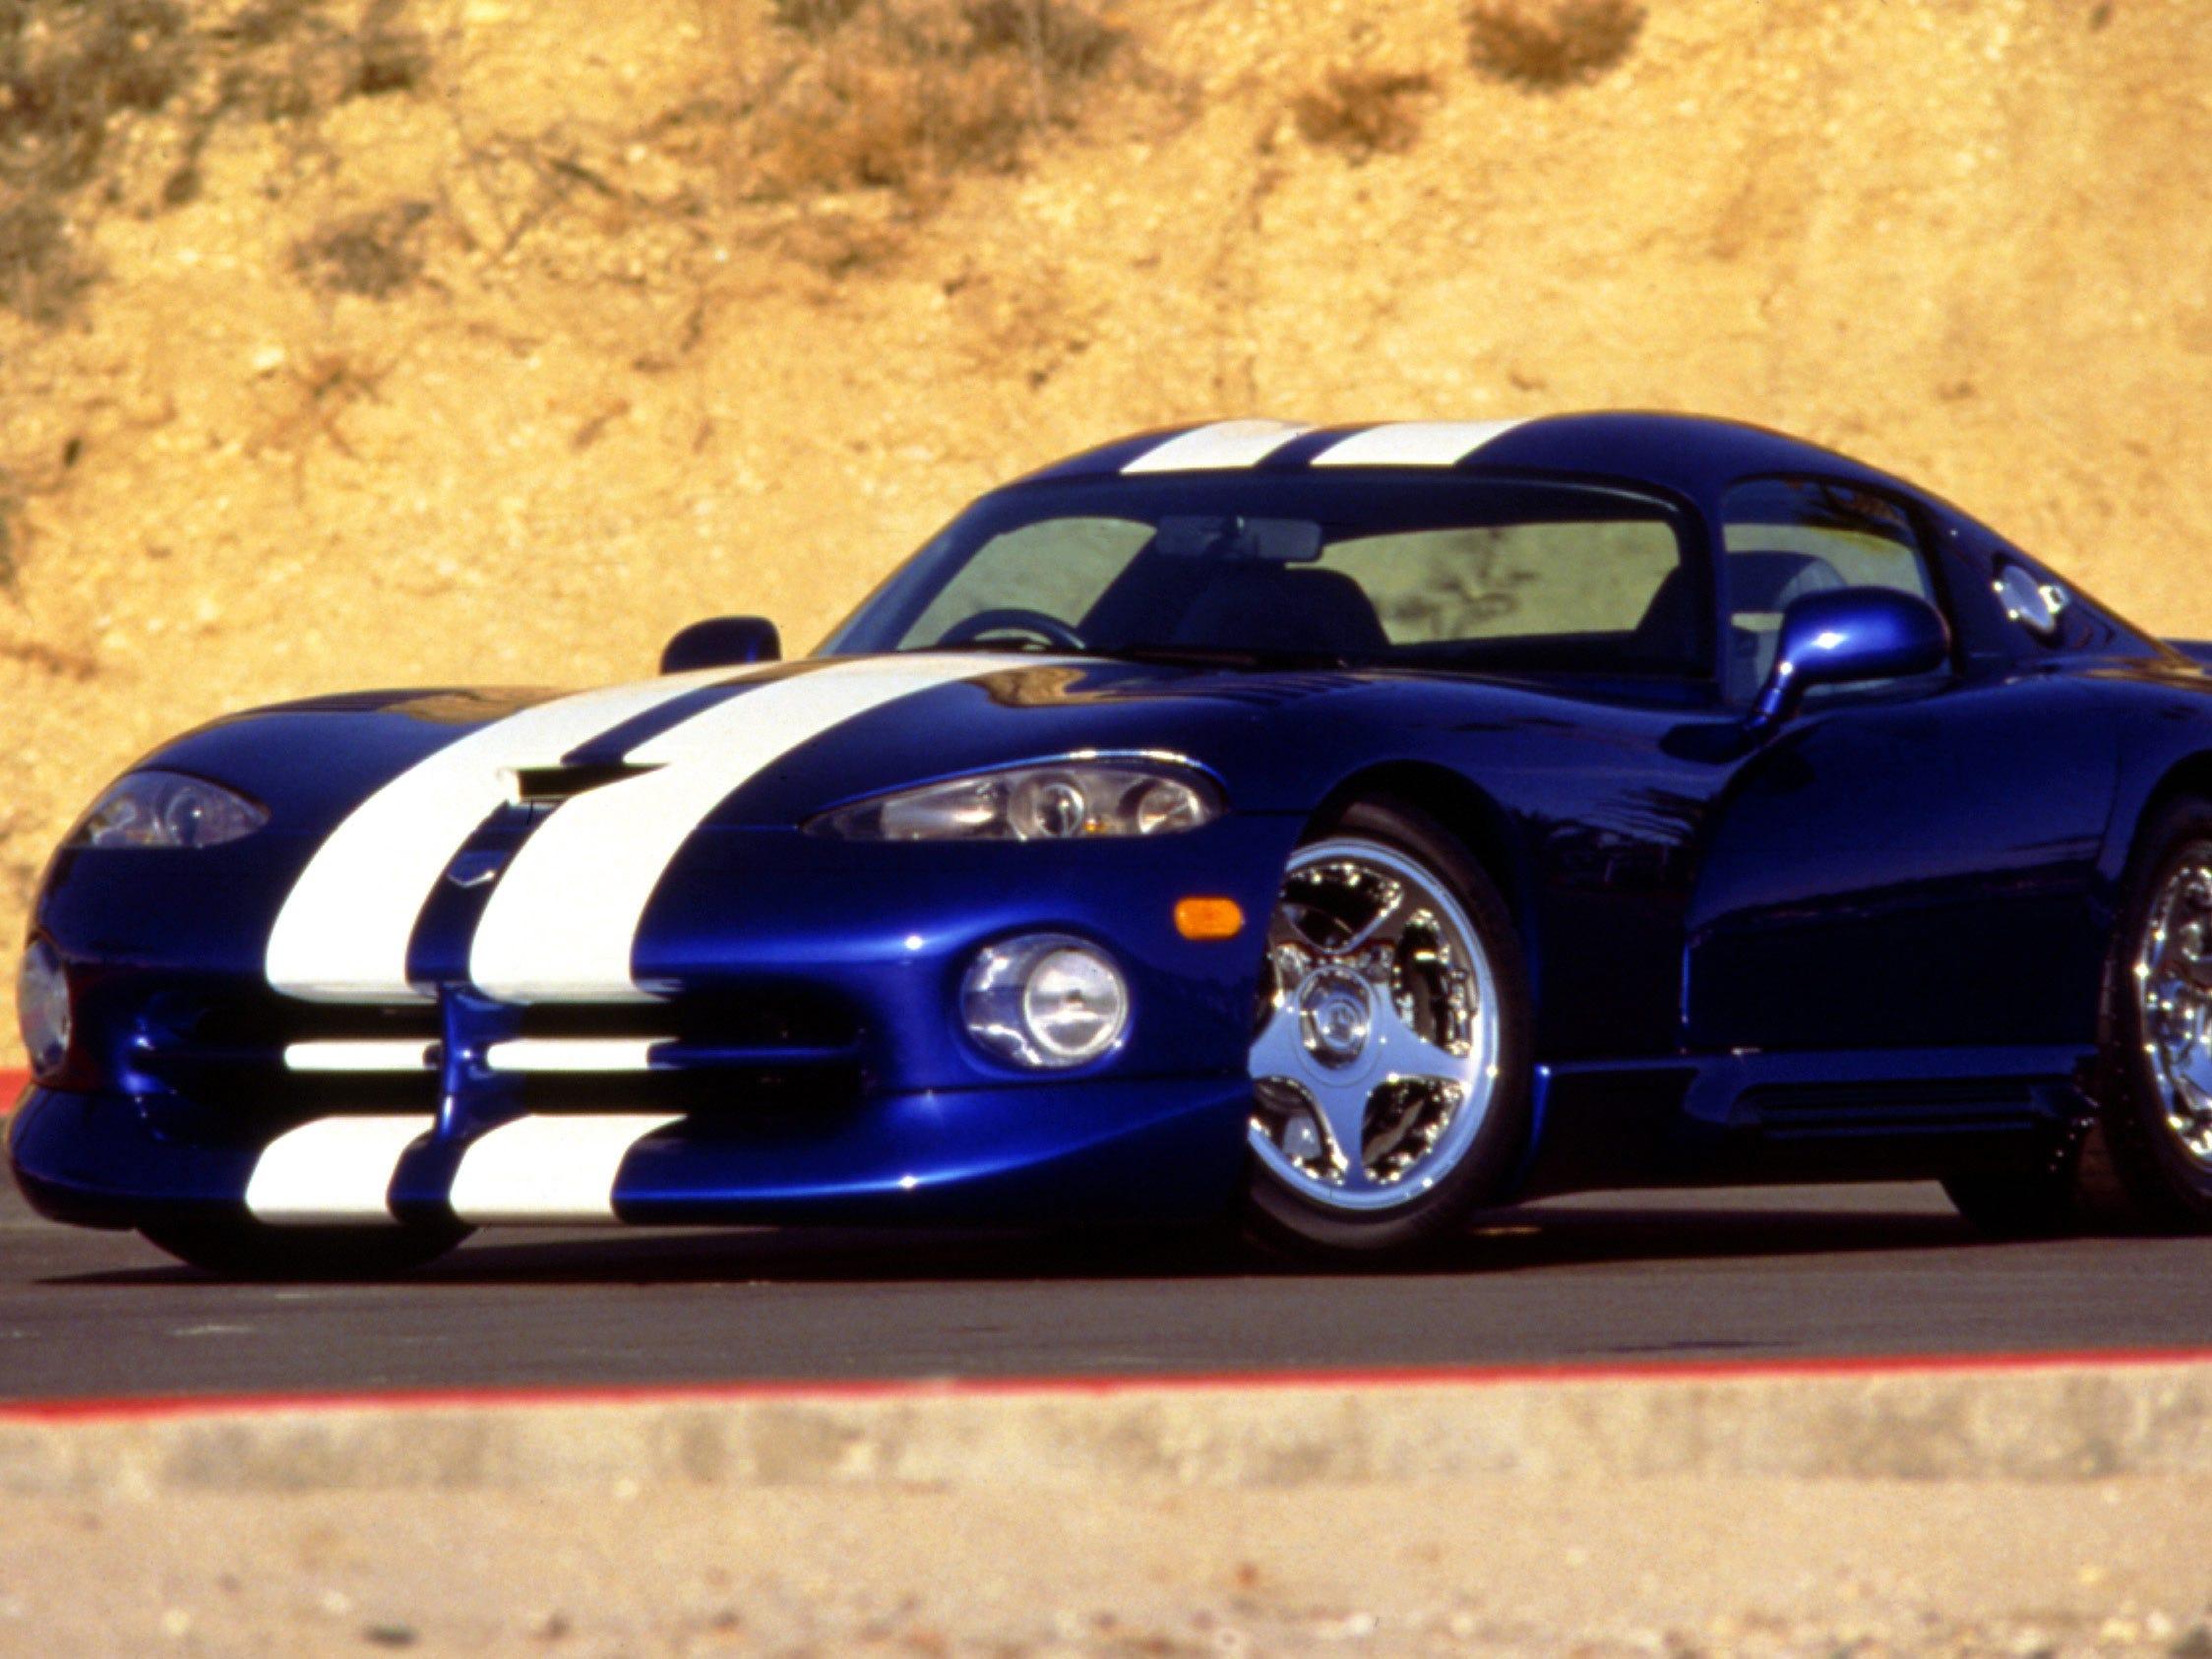 The 1997 Dodge Viper.